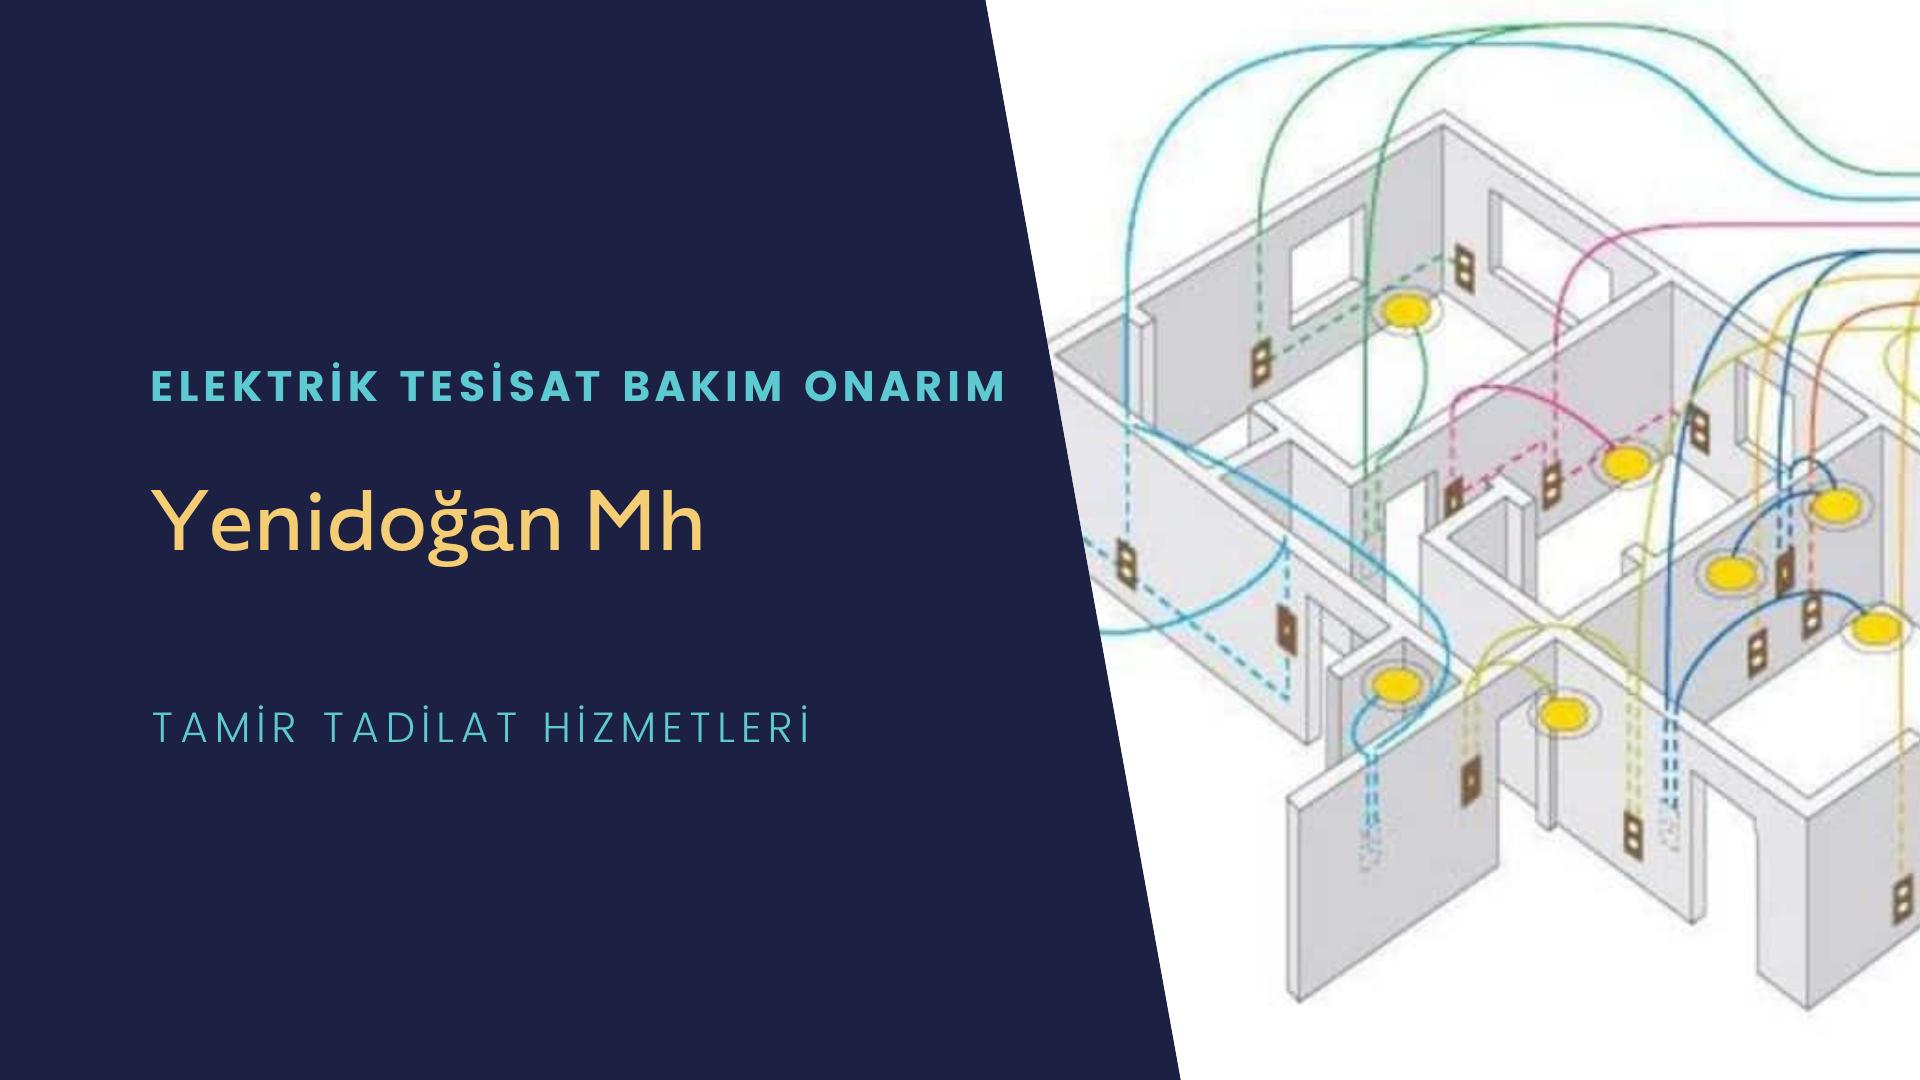 Yenidoğan Mh  elektrik tesisatıustalarımı arıyorsunuz doğru adrestenizi Yenidoğan Mh elektrik tesisatı ustalarımız 7/24 sizlere hizmet vermekten mutluluk duyar.